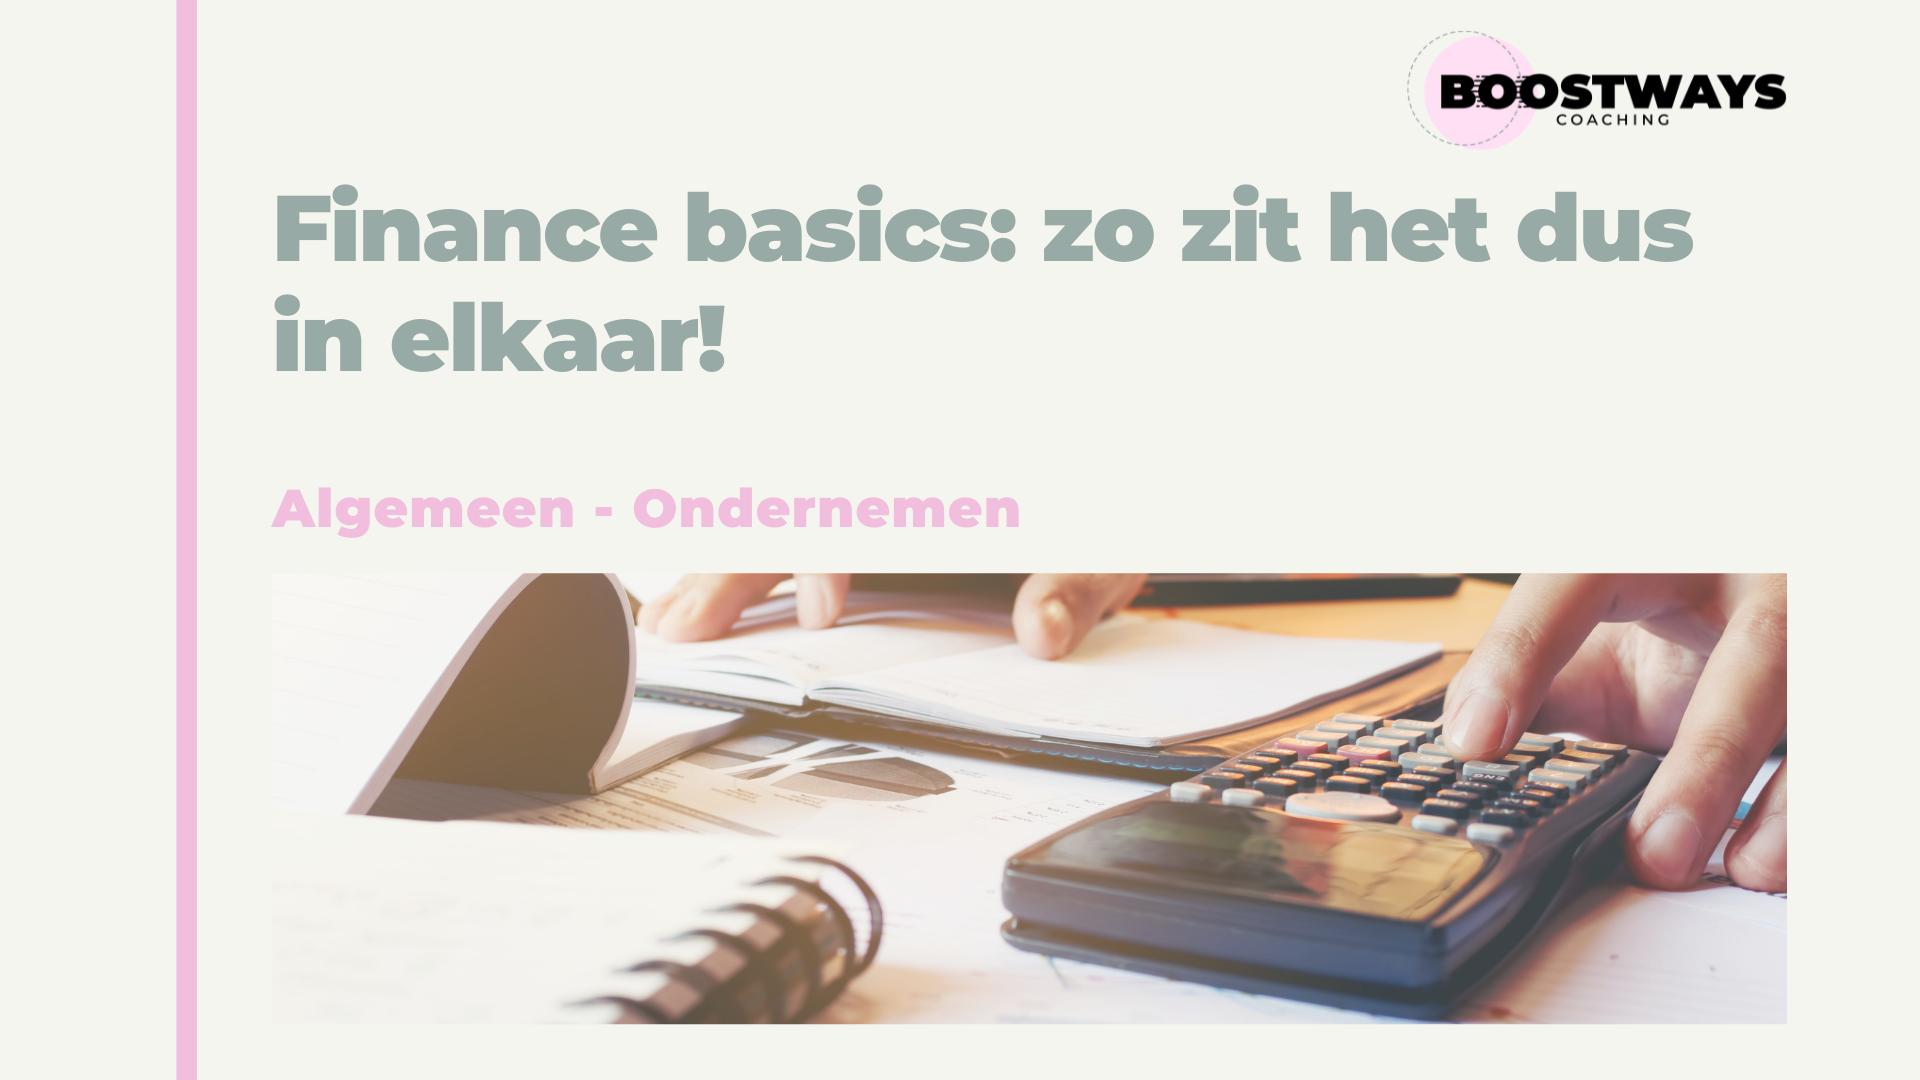 Finance basics: Zo zit het dus in elkaar